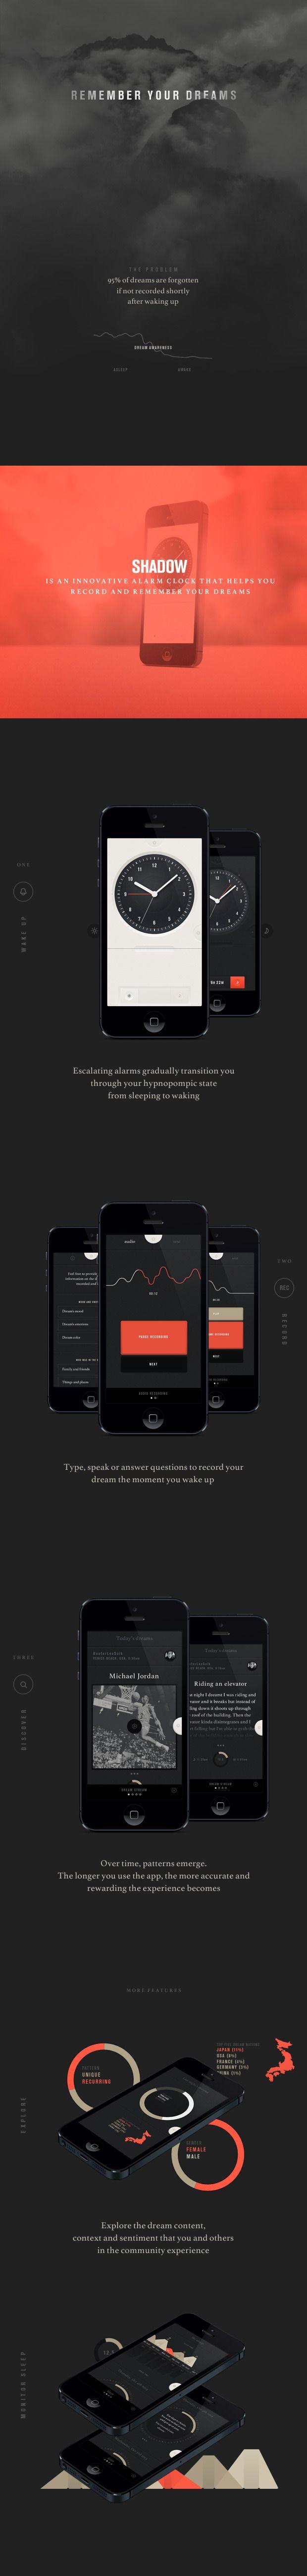 SHADOW #dreamers #dreams #UI #design #dark #app #interface